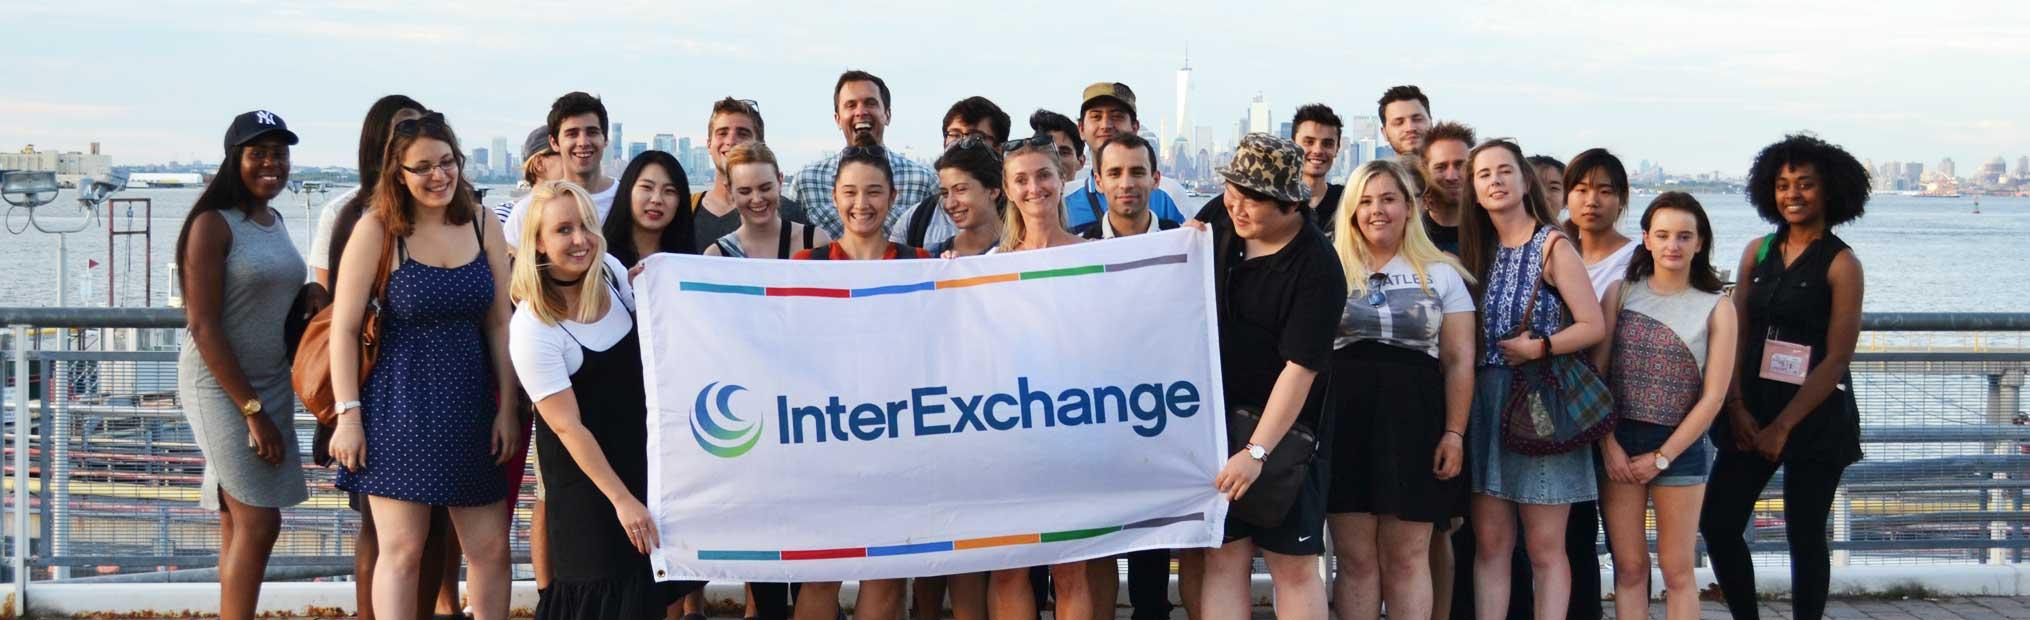 InterExchange Advocacy